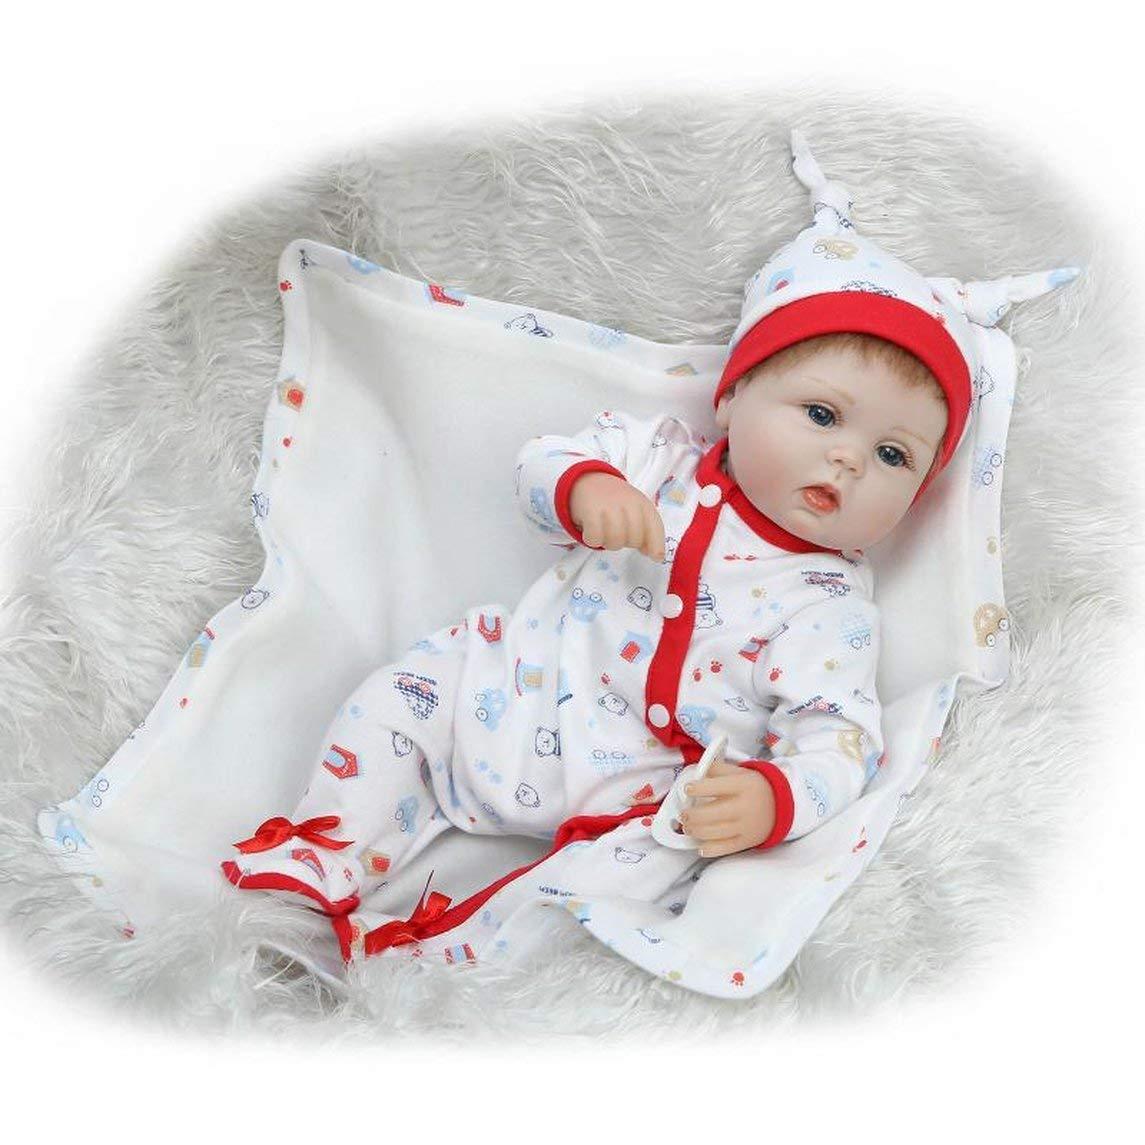 Footprintes 16 Pulgadas Juego de los niños Juguetes Baby Doll Playmate Regalo Juguetes no tóxicos de Seguridad Body Cloth Baby Doll Suave recién Nacido Baby Doll